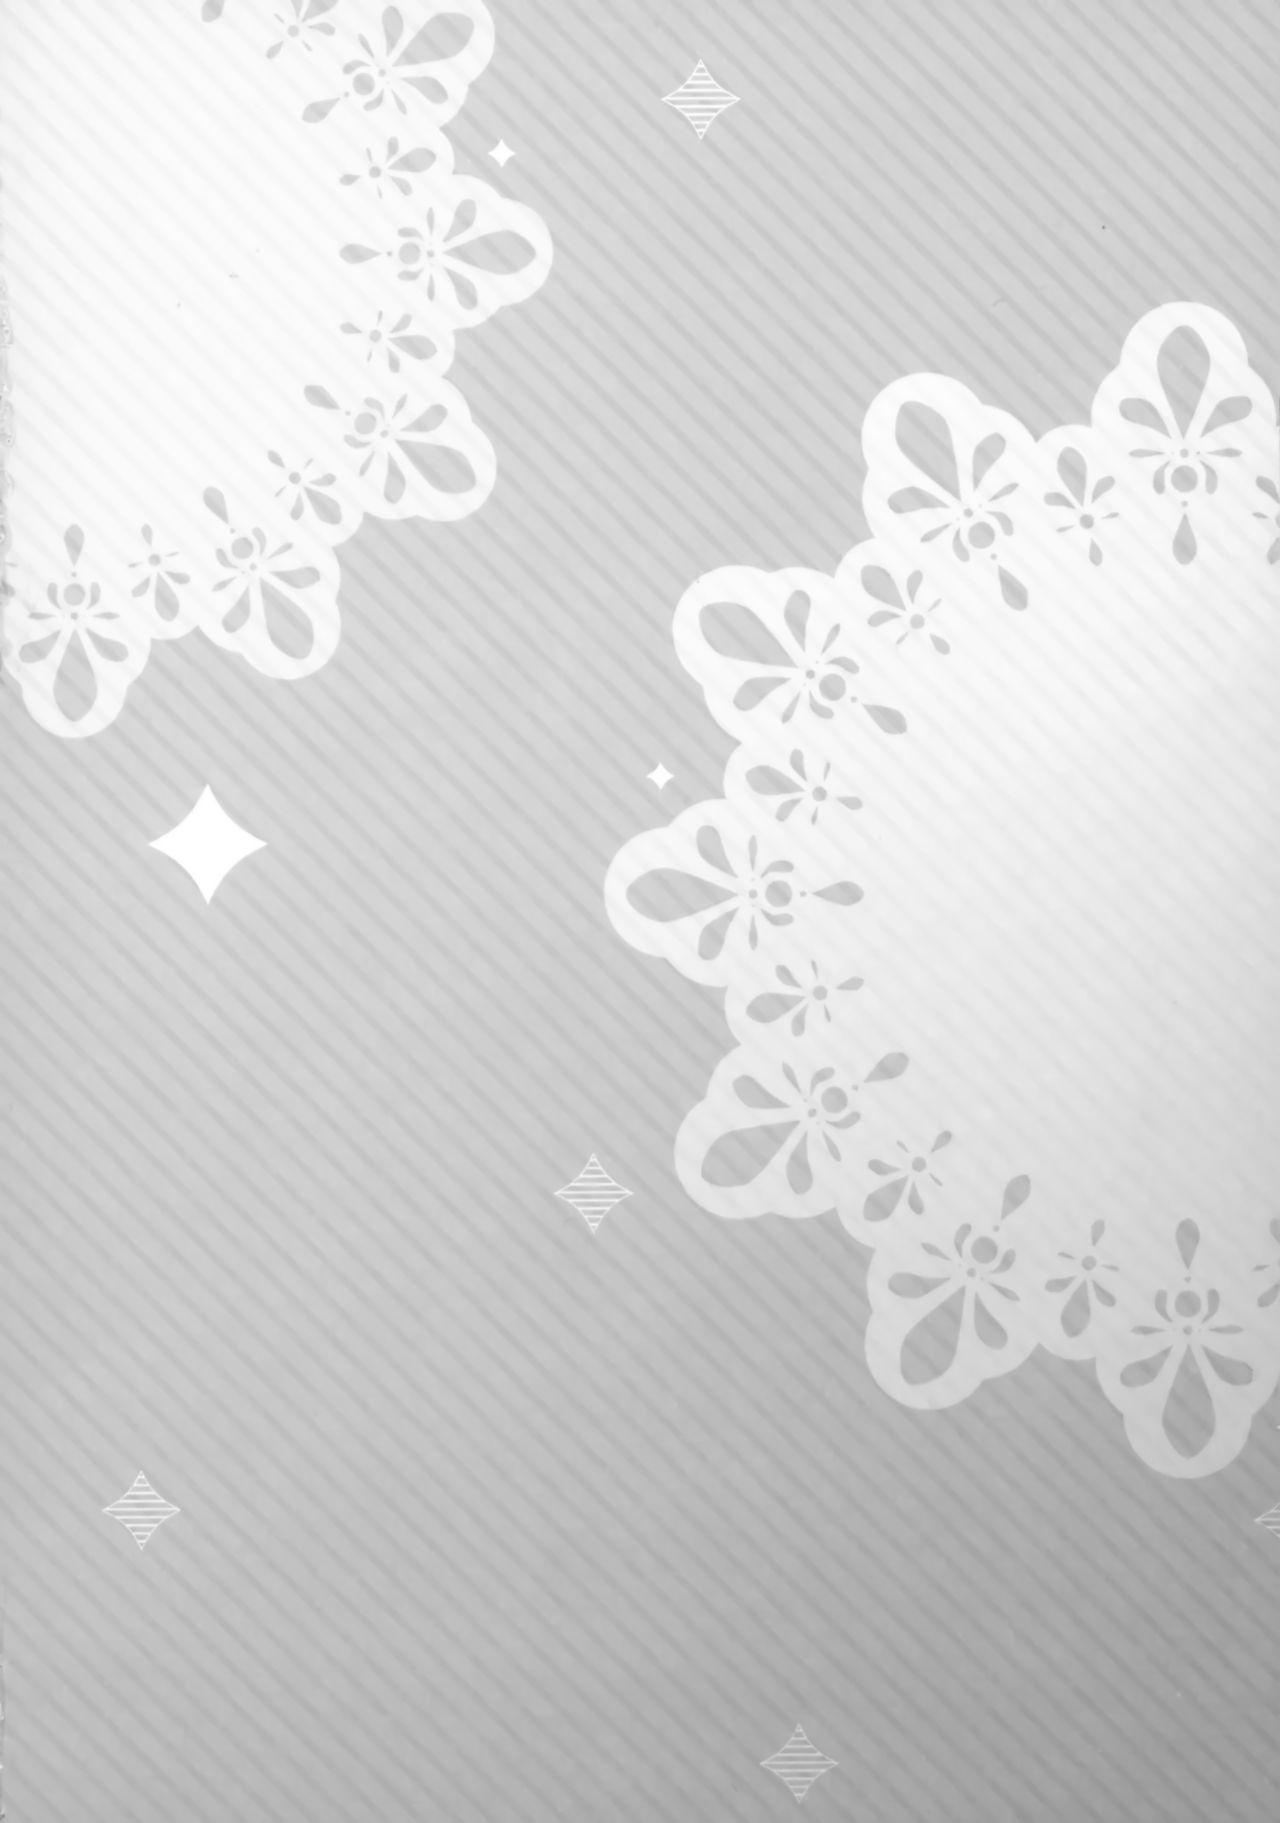 Fumio no Yuuwaku Date 4